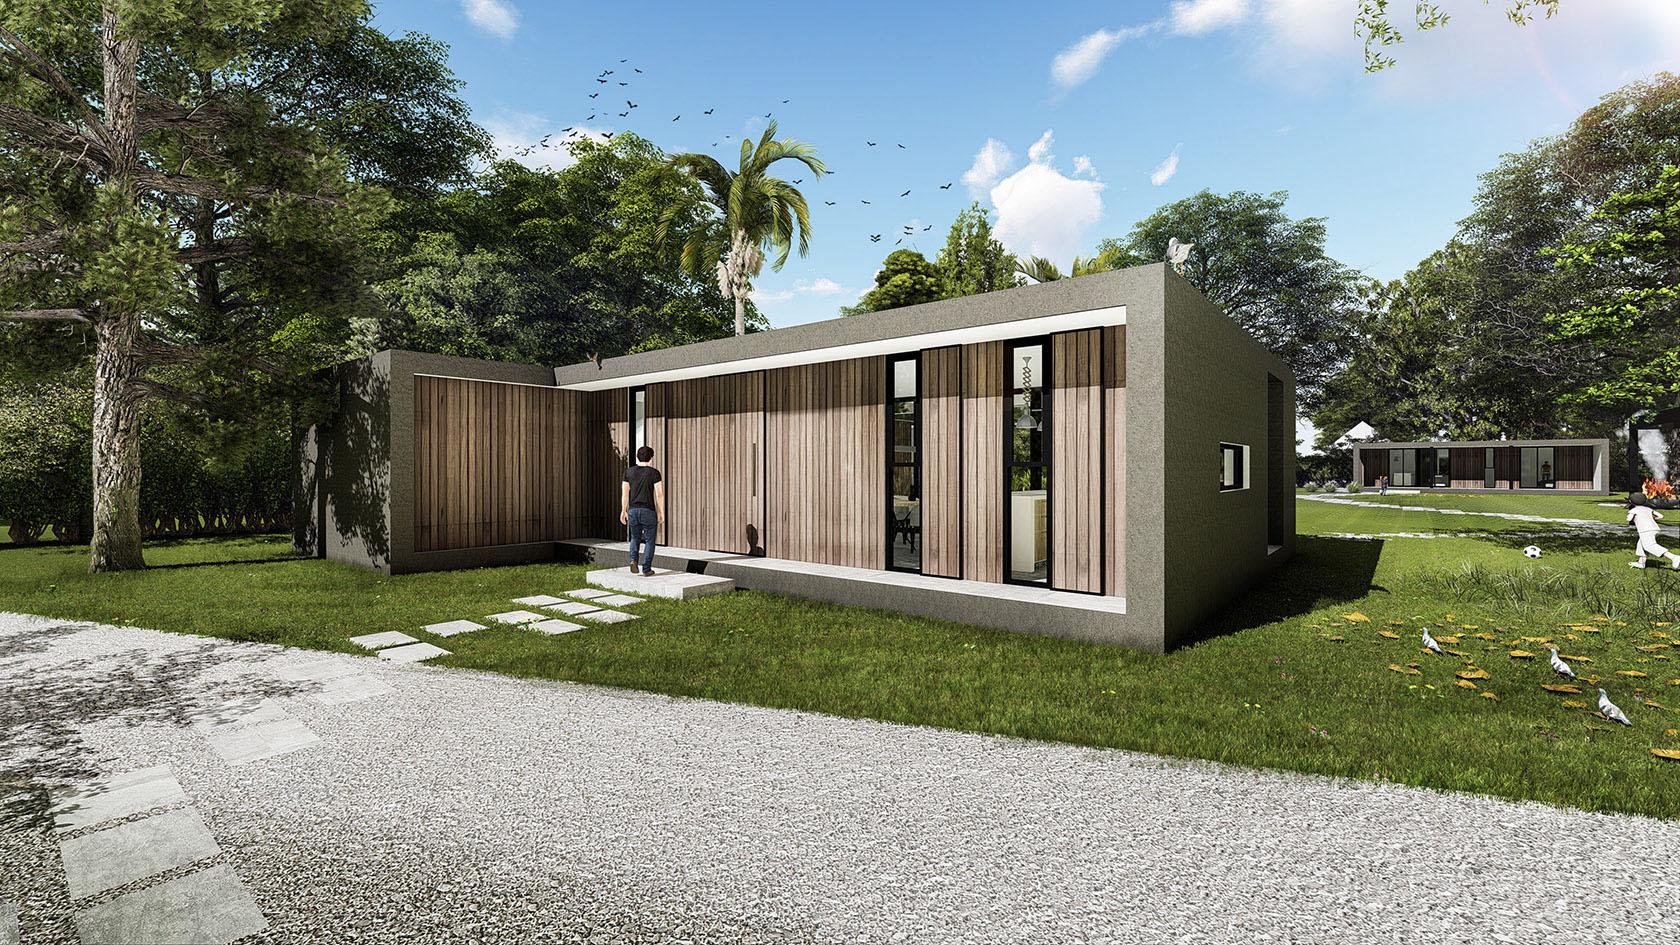 Casas con fachada de madera, casas minimalistas, construcción en seco